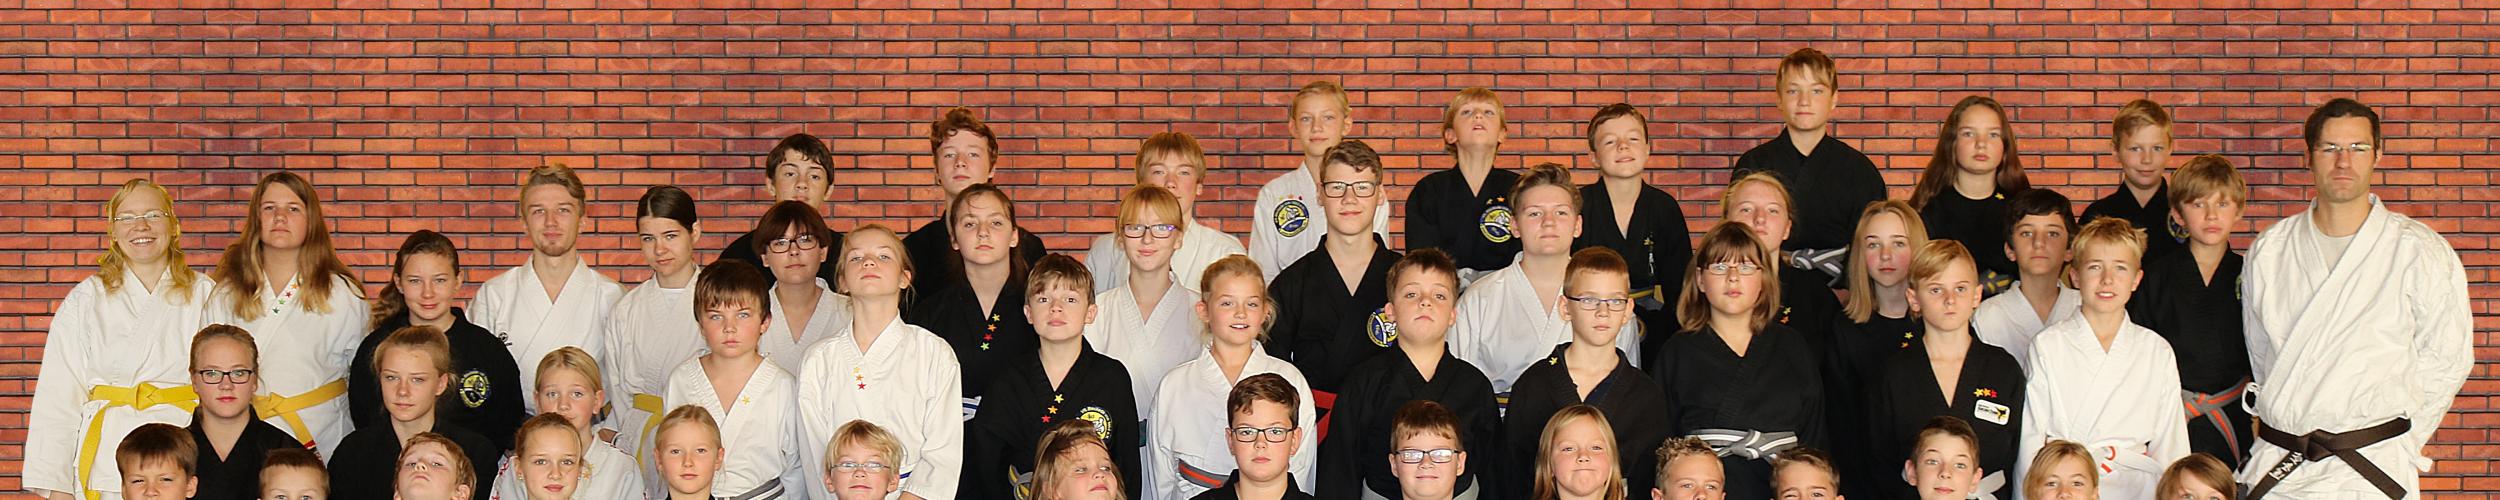 25 Jahre Karateteam Bleckede